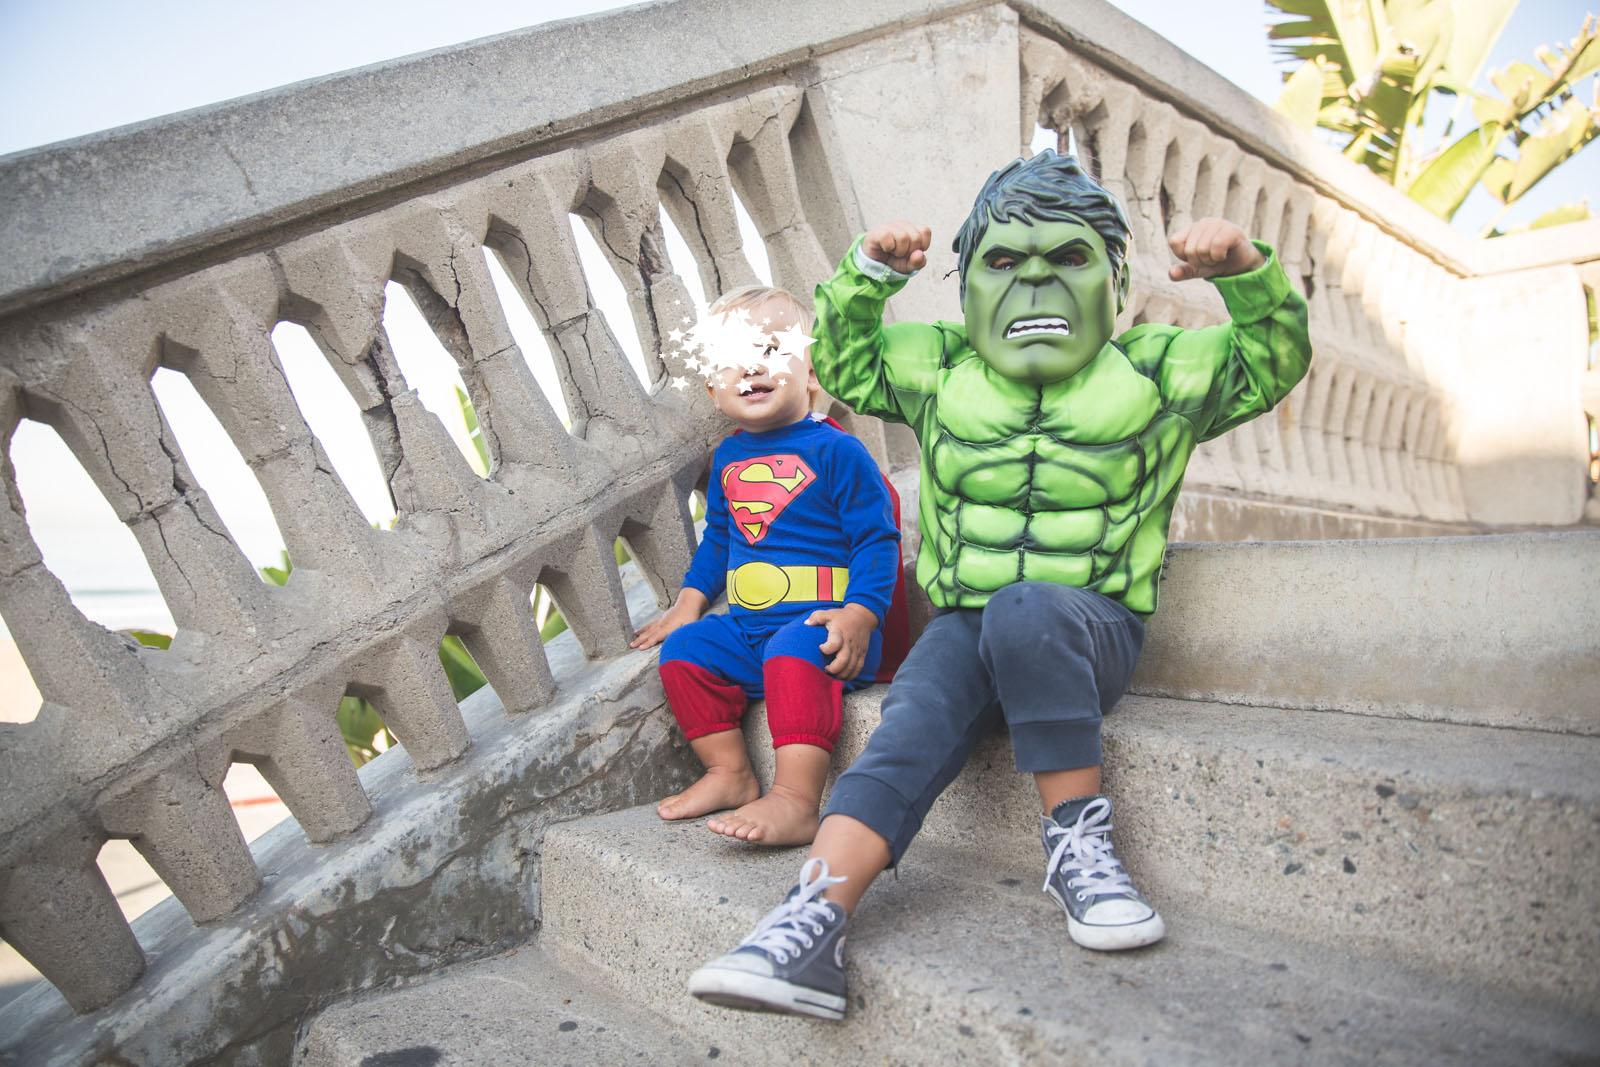 halloween costumes kids-5933